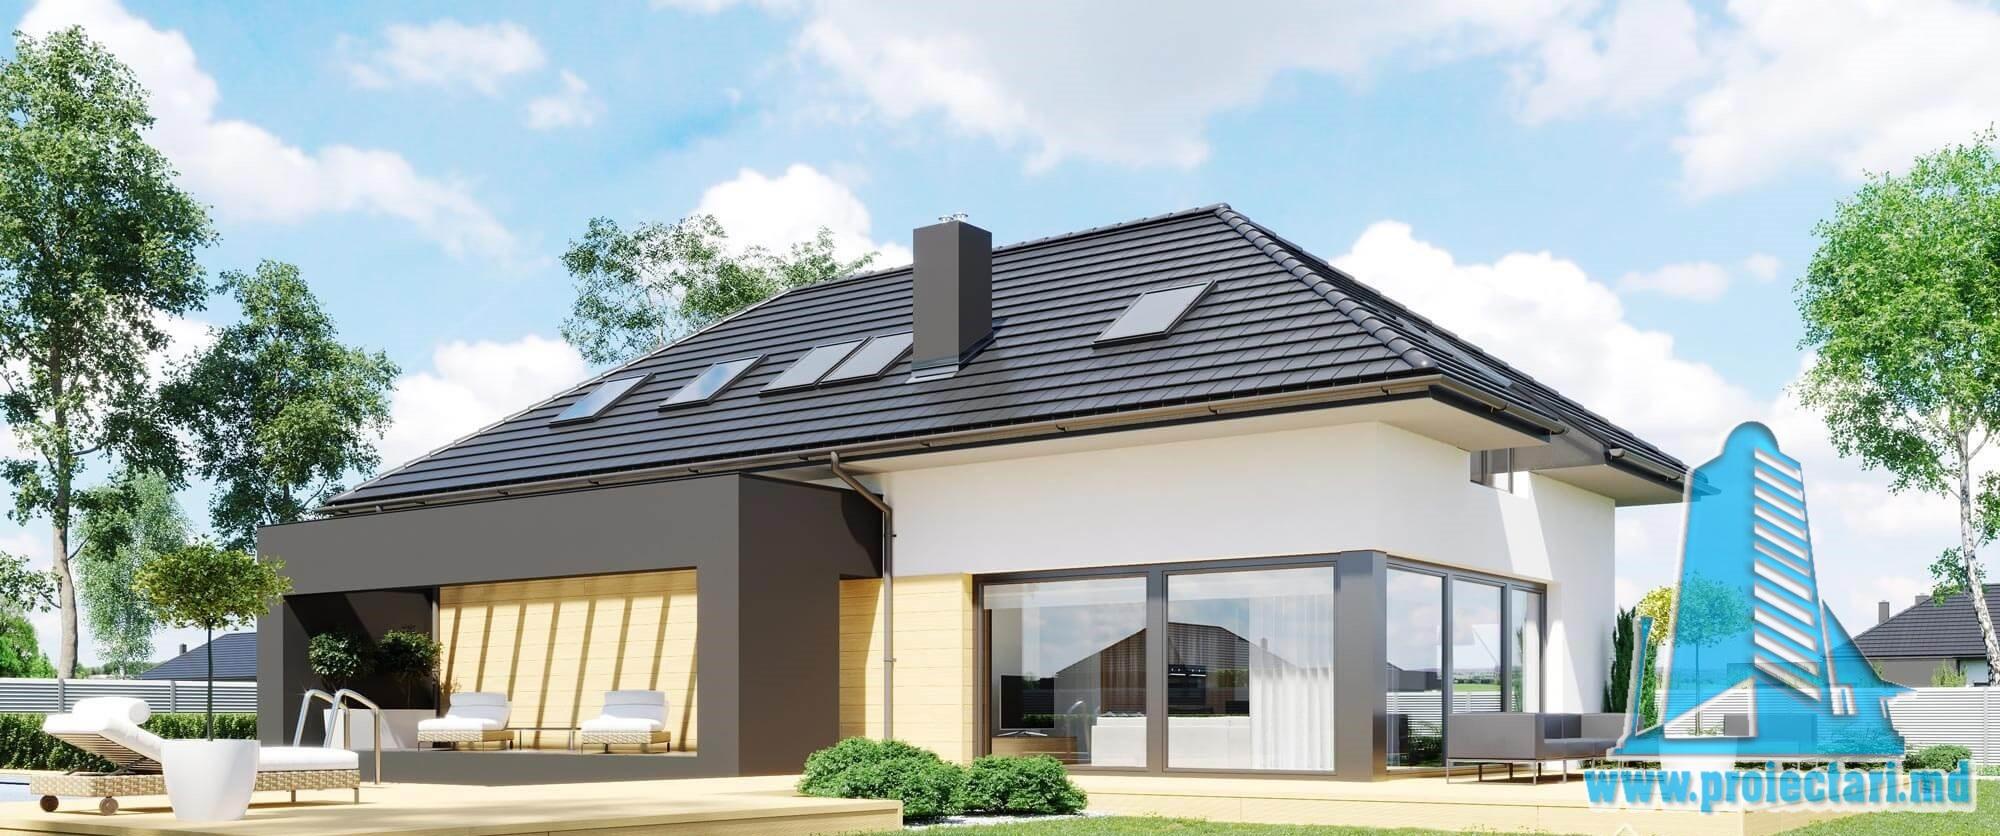 Casa cu parter,mansarda si garaj pentru un automobil– 238 m2 – 100996